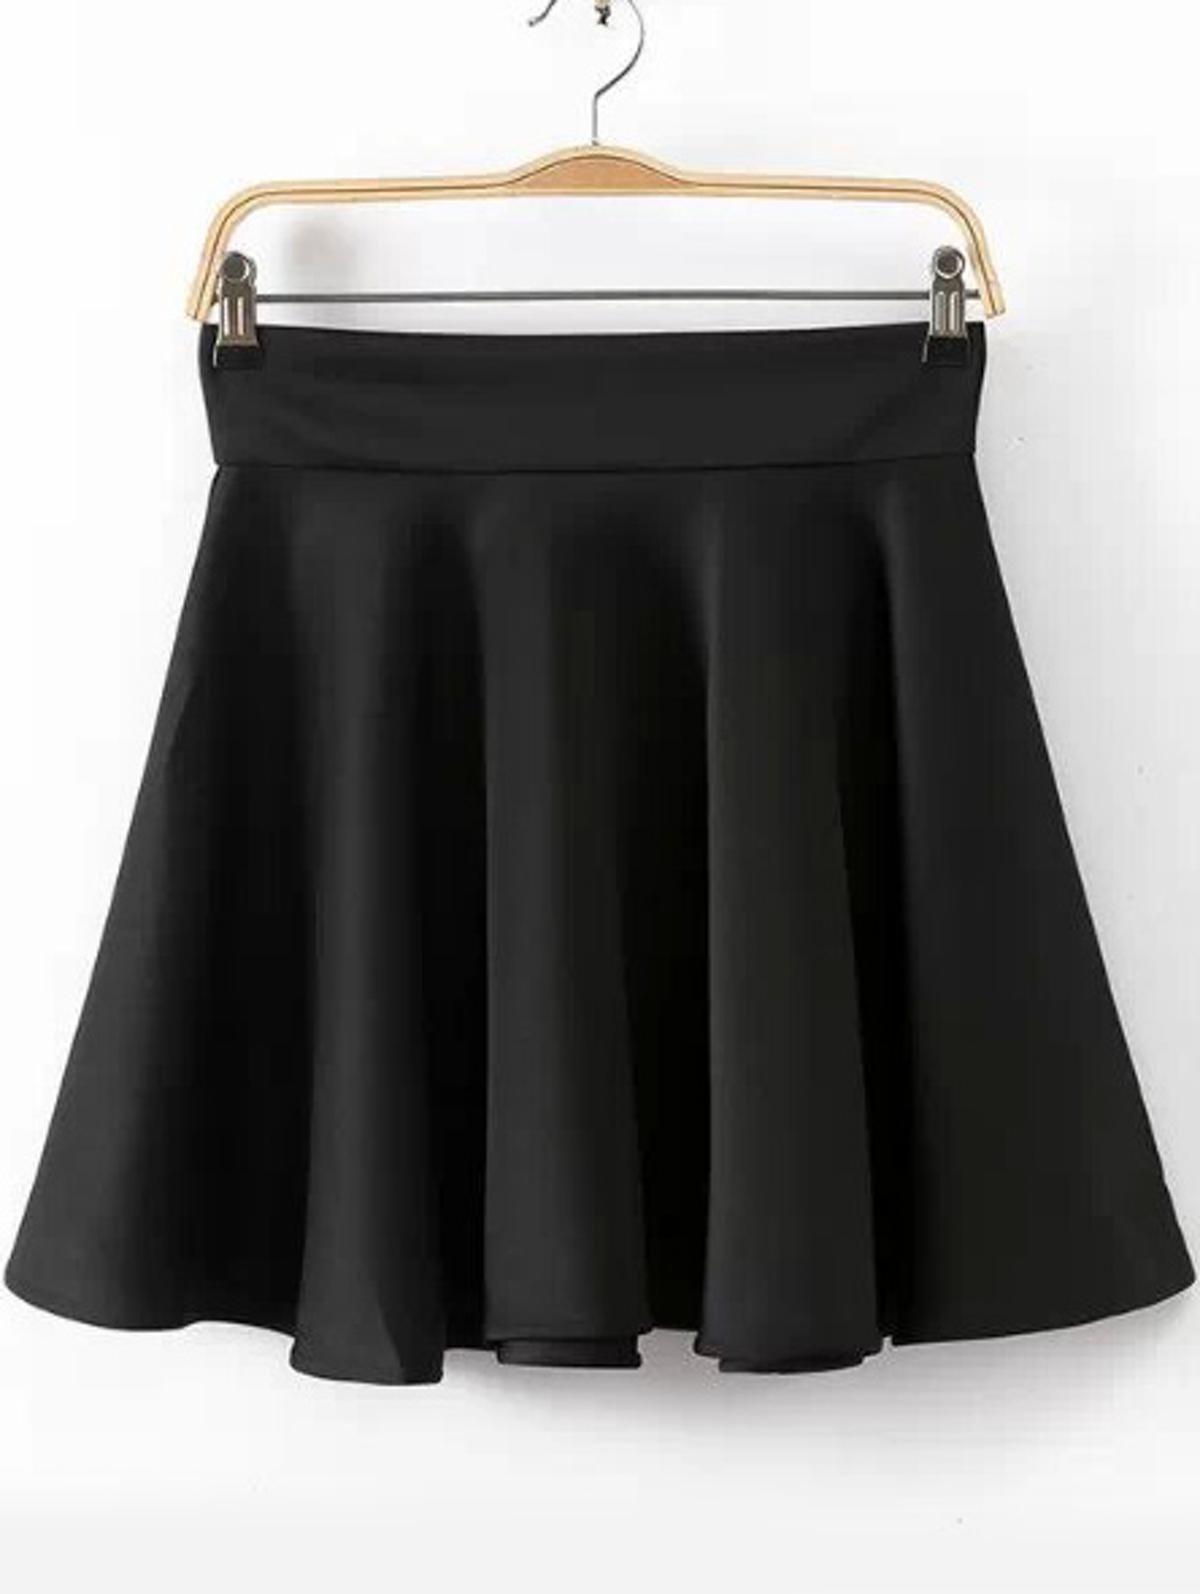 黑色 高腰 打褶裙子